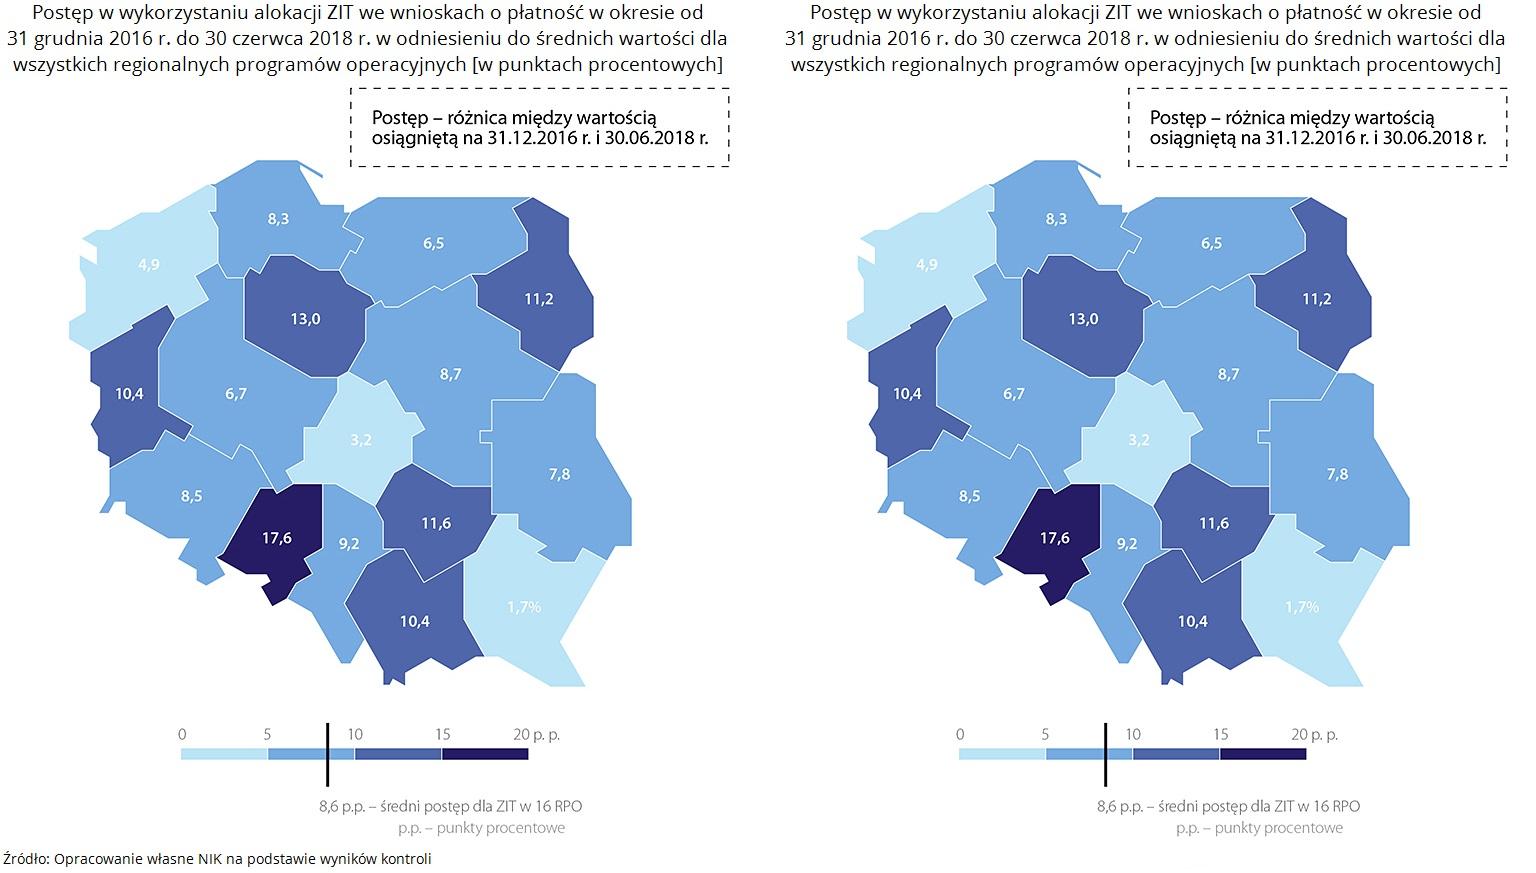 Postępy wykorzystania alokacji środków ZIT, źródło: NIK